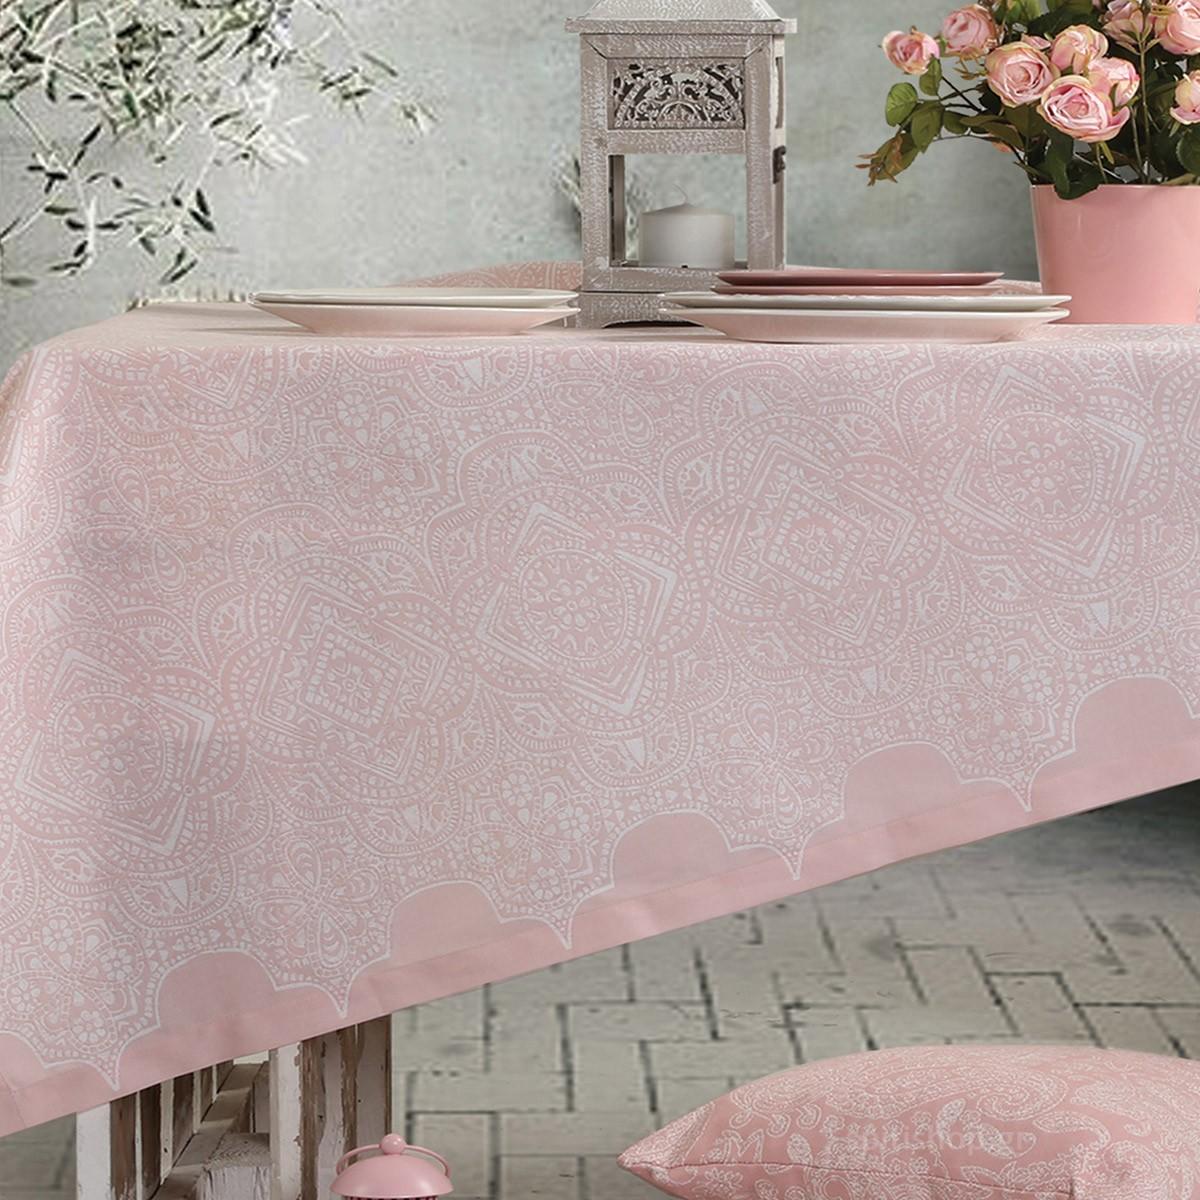 Τραπεζομάντηλο (140×180) Nef-Nef Henna Pink